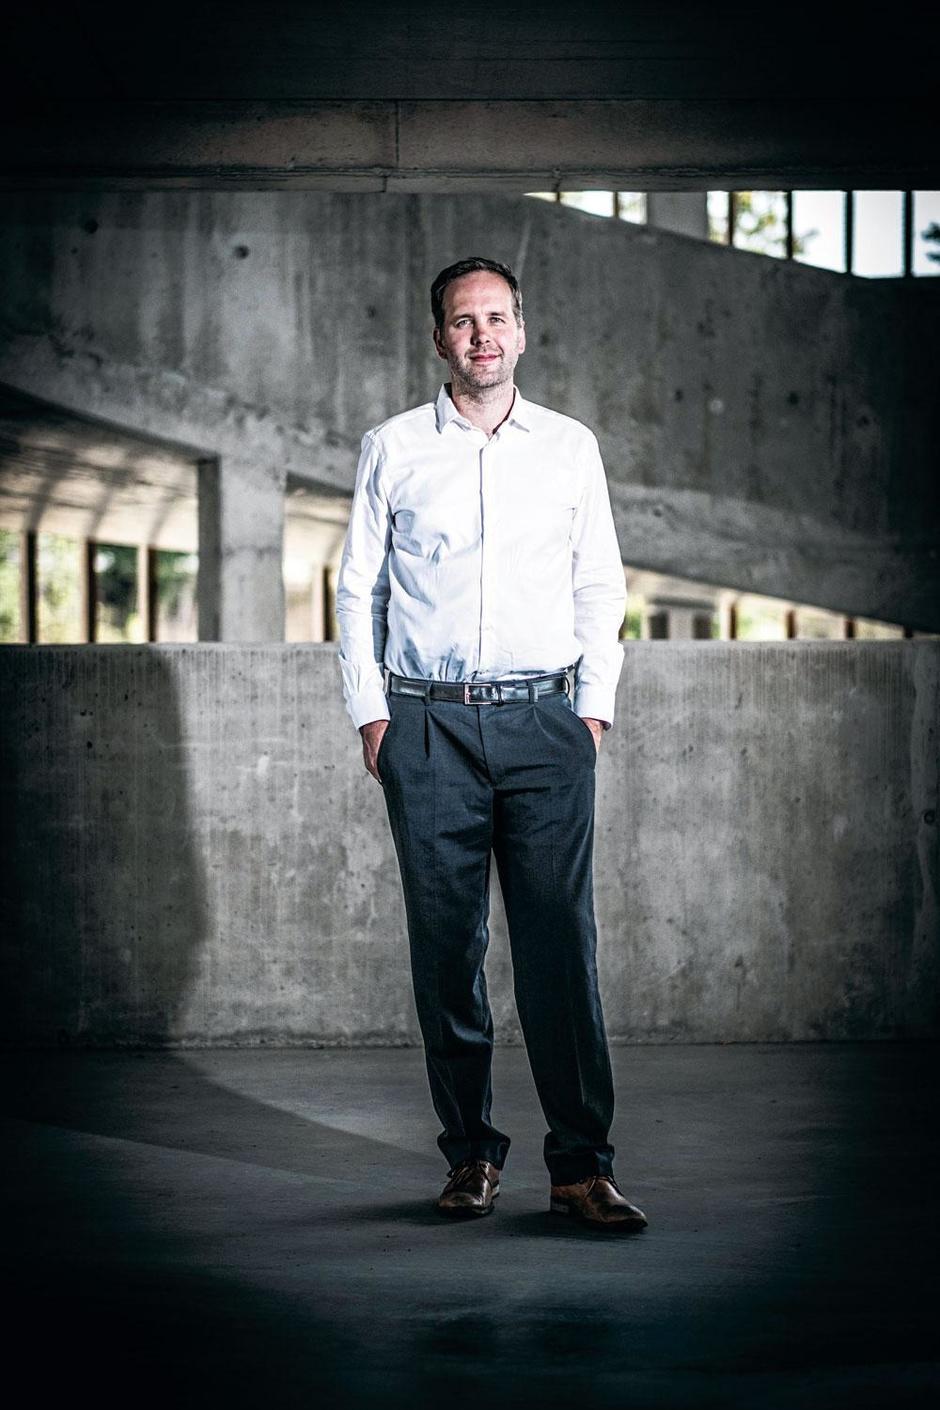 Jonathan Berte (CEO Robovision) over de ontwikkeling van AI: 'Een select clubje kan zeer veel geld verdienen'